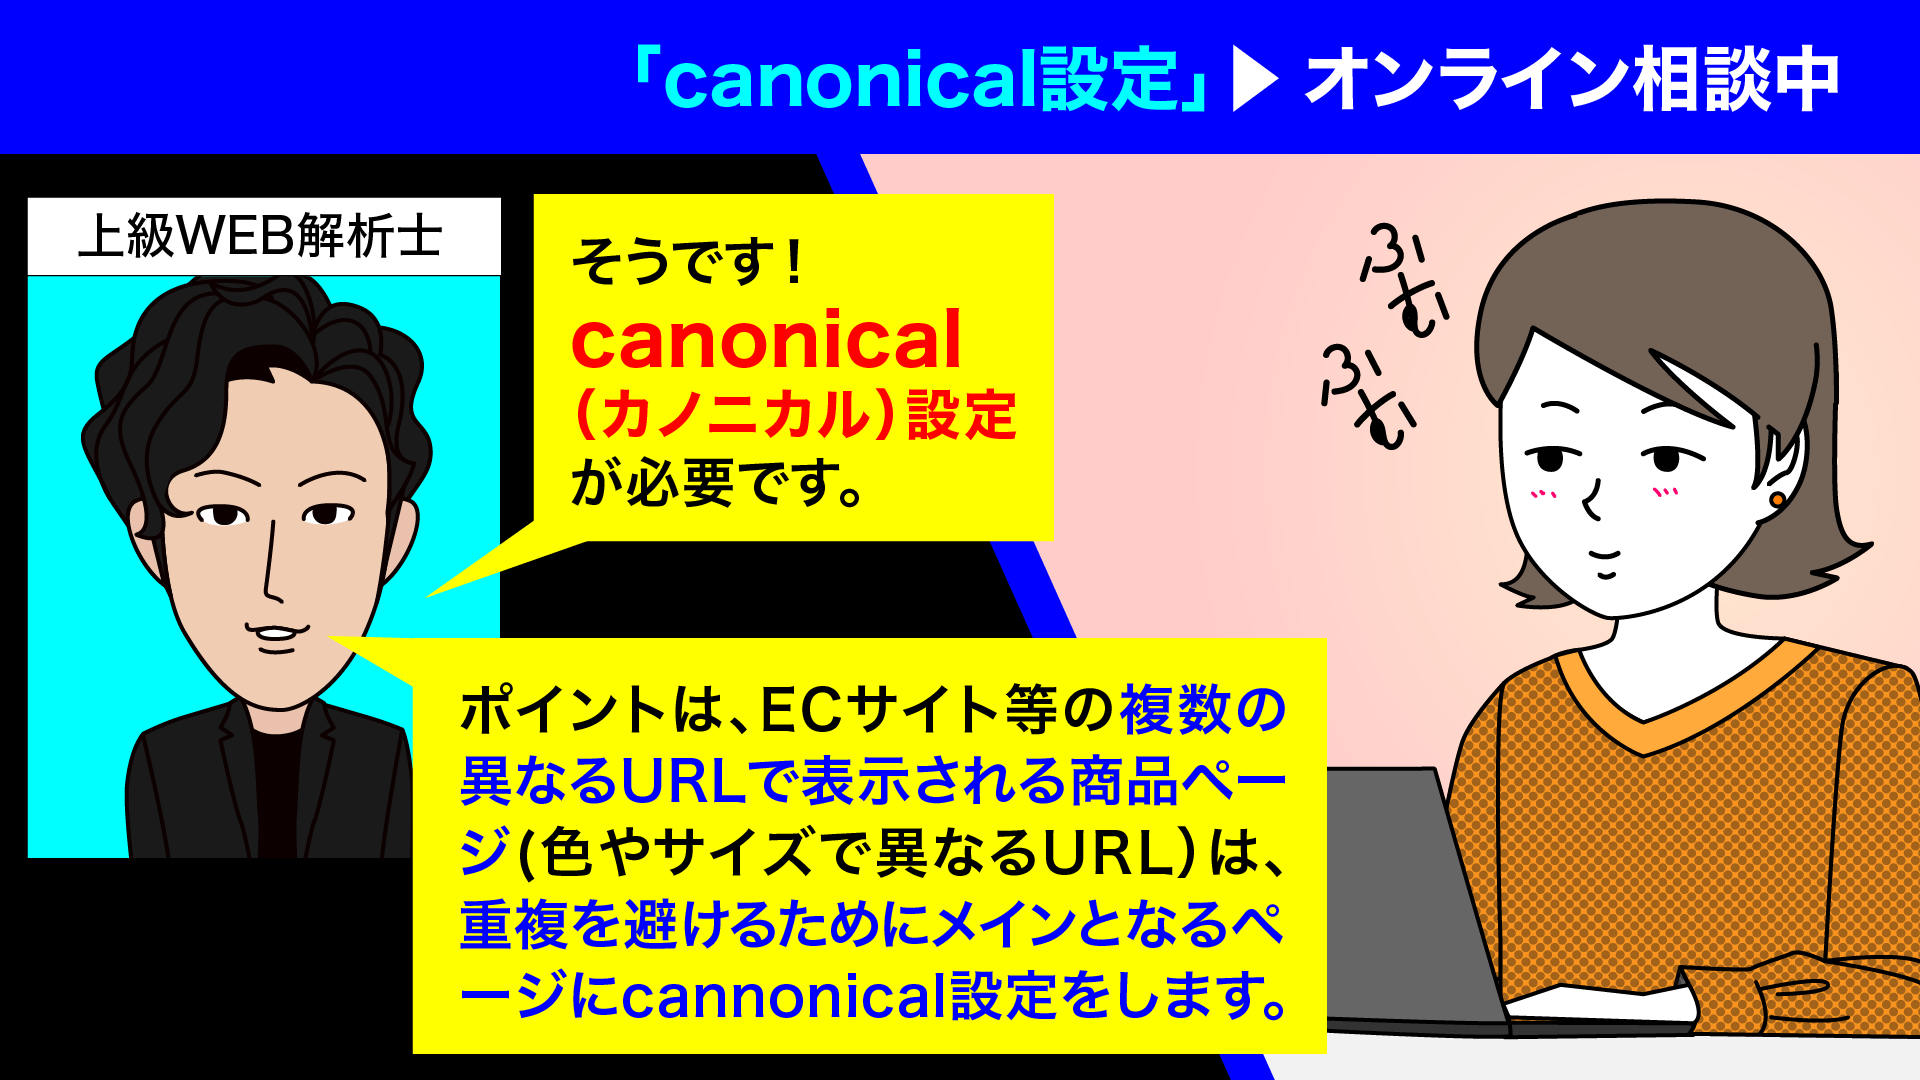 SEOあるある漫画‐ECサイトで重要なcanonical設定③